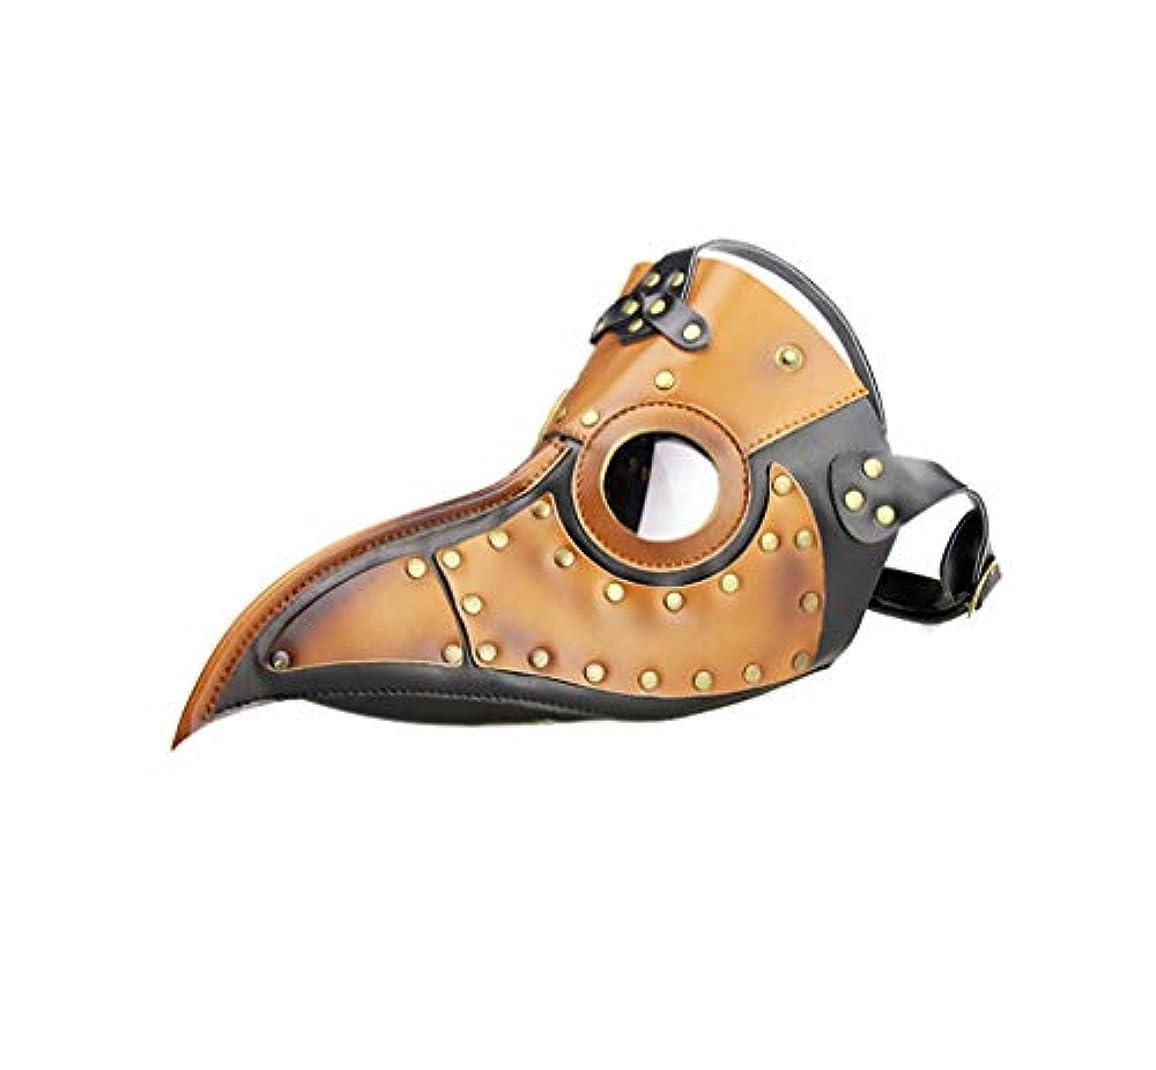 水族館マークダウンブレースペストドクターマスク鳥ロングノーズビークスチームパンクハロウィンプロップ